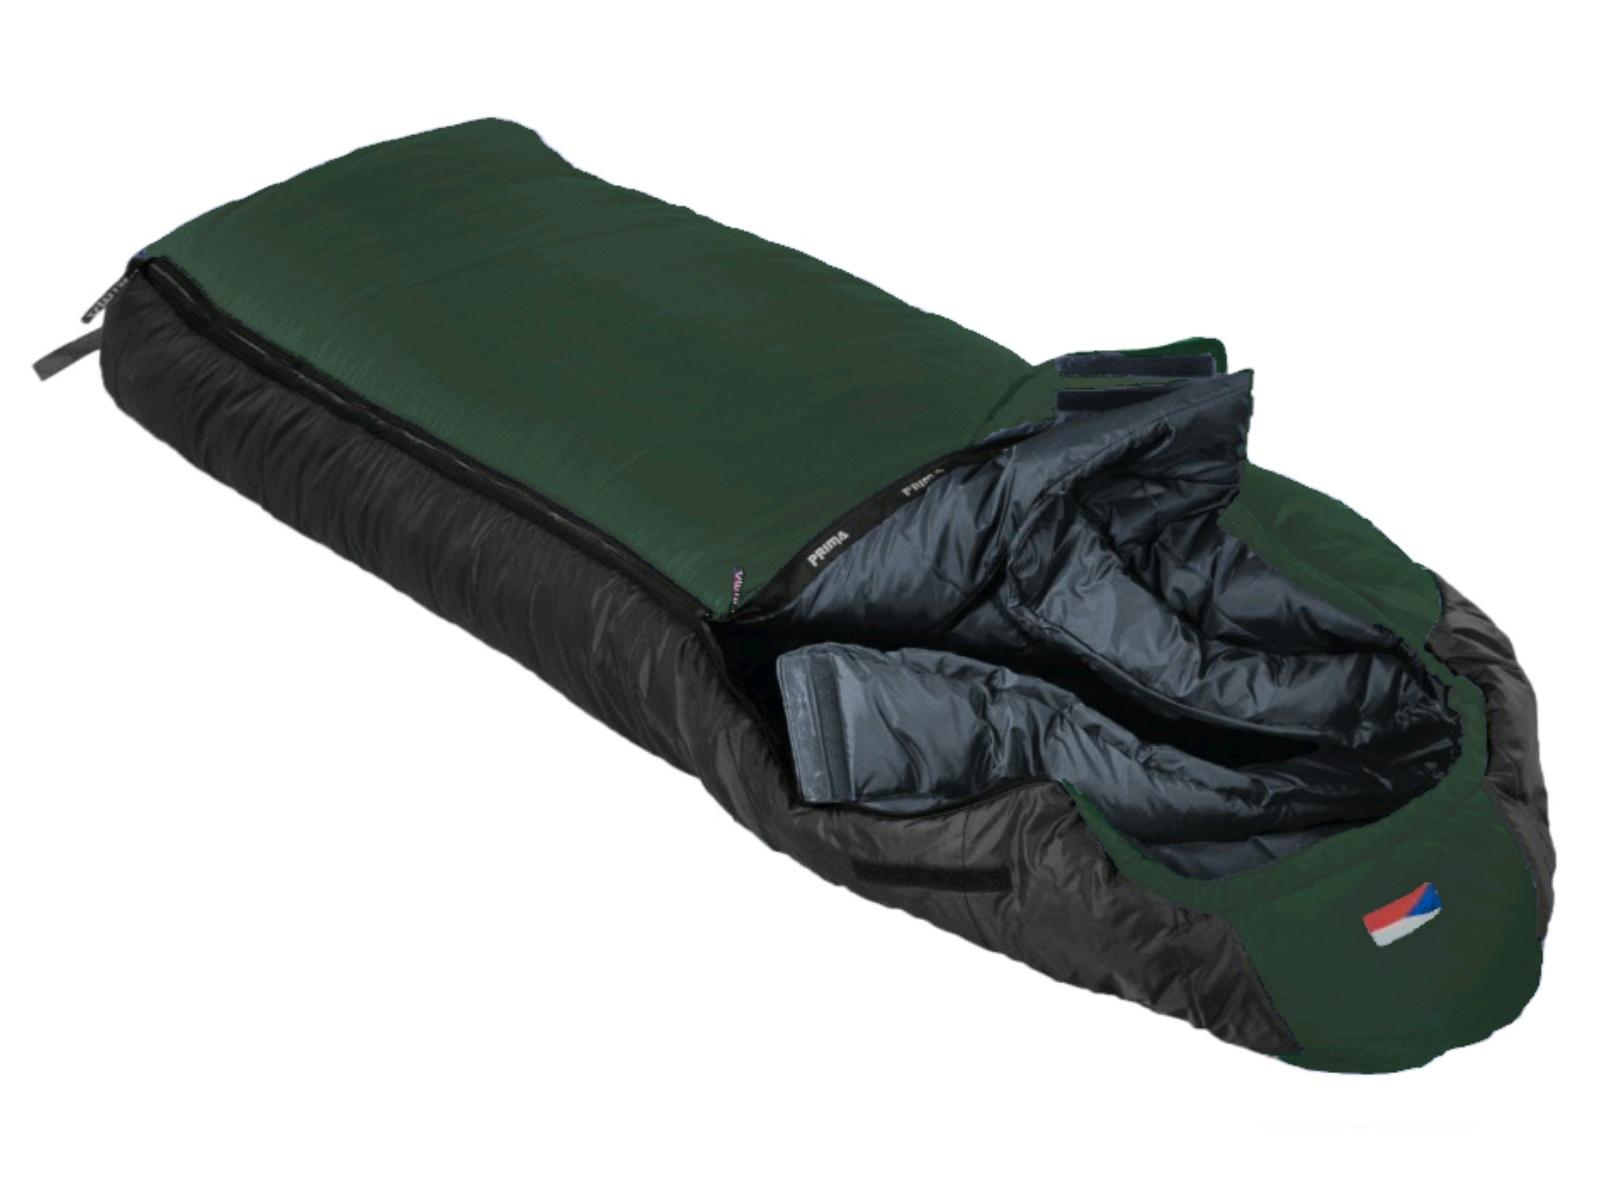 Spací pytel PRIMA Everest 200/90 zelený - levý zip